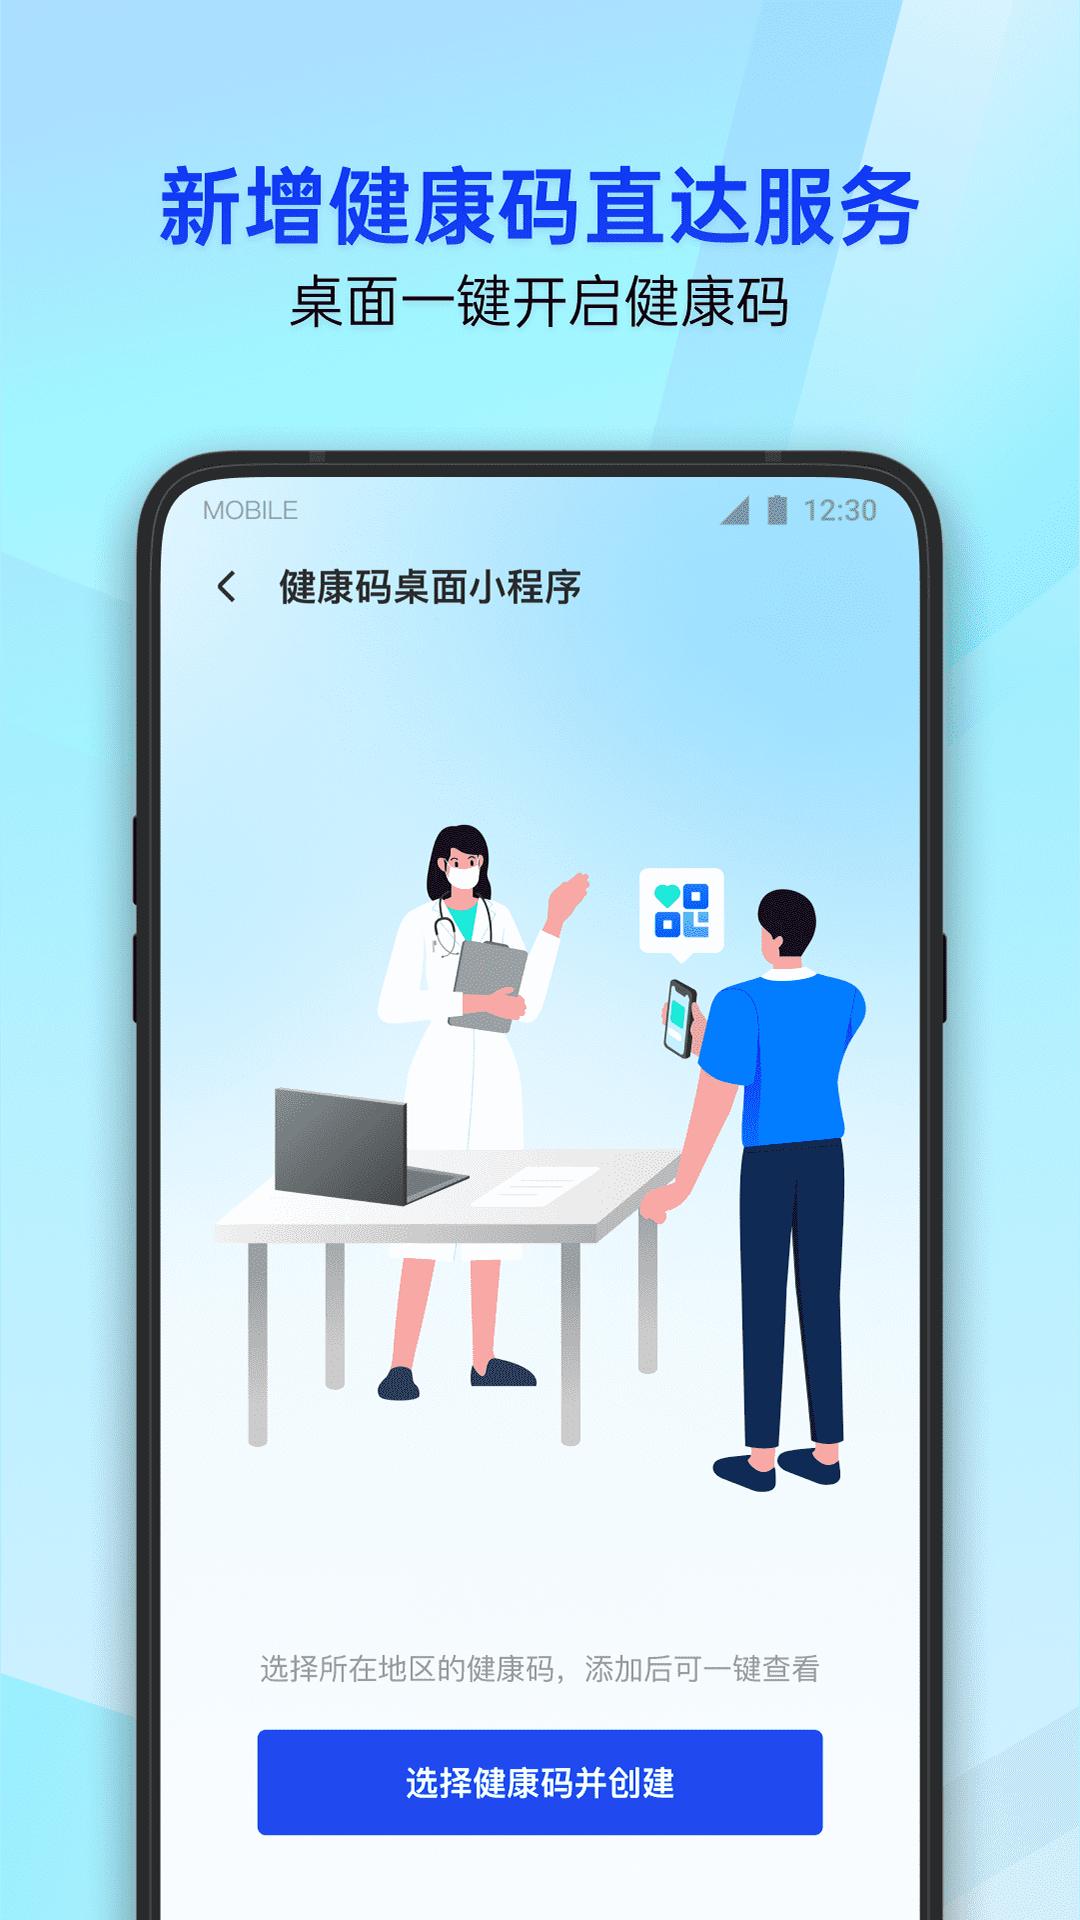 腾讯手机管家最新版 v8.2.1 安卓版1